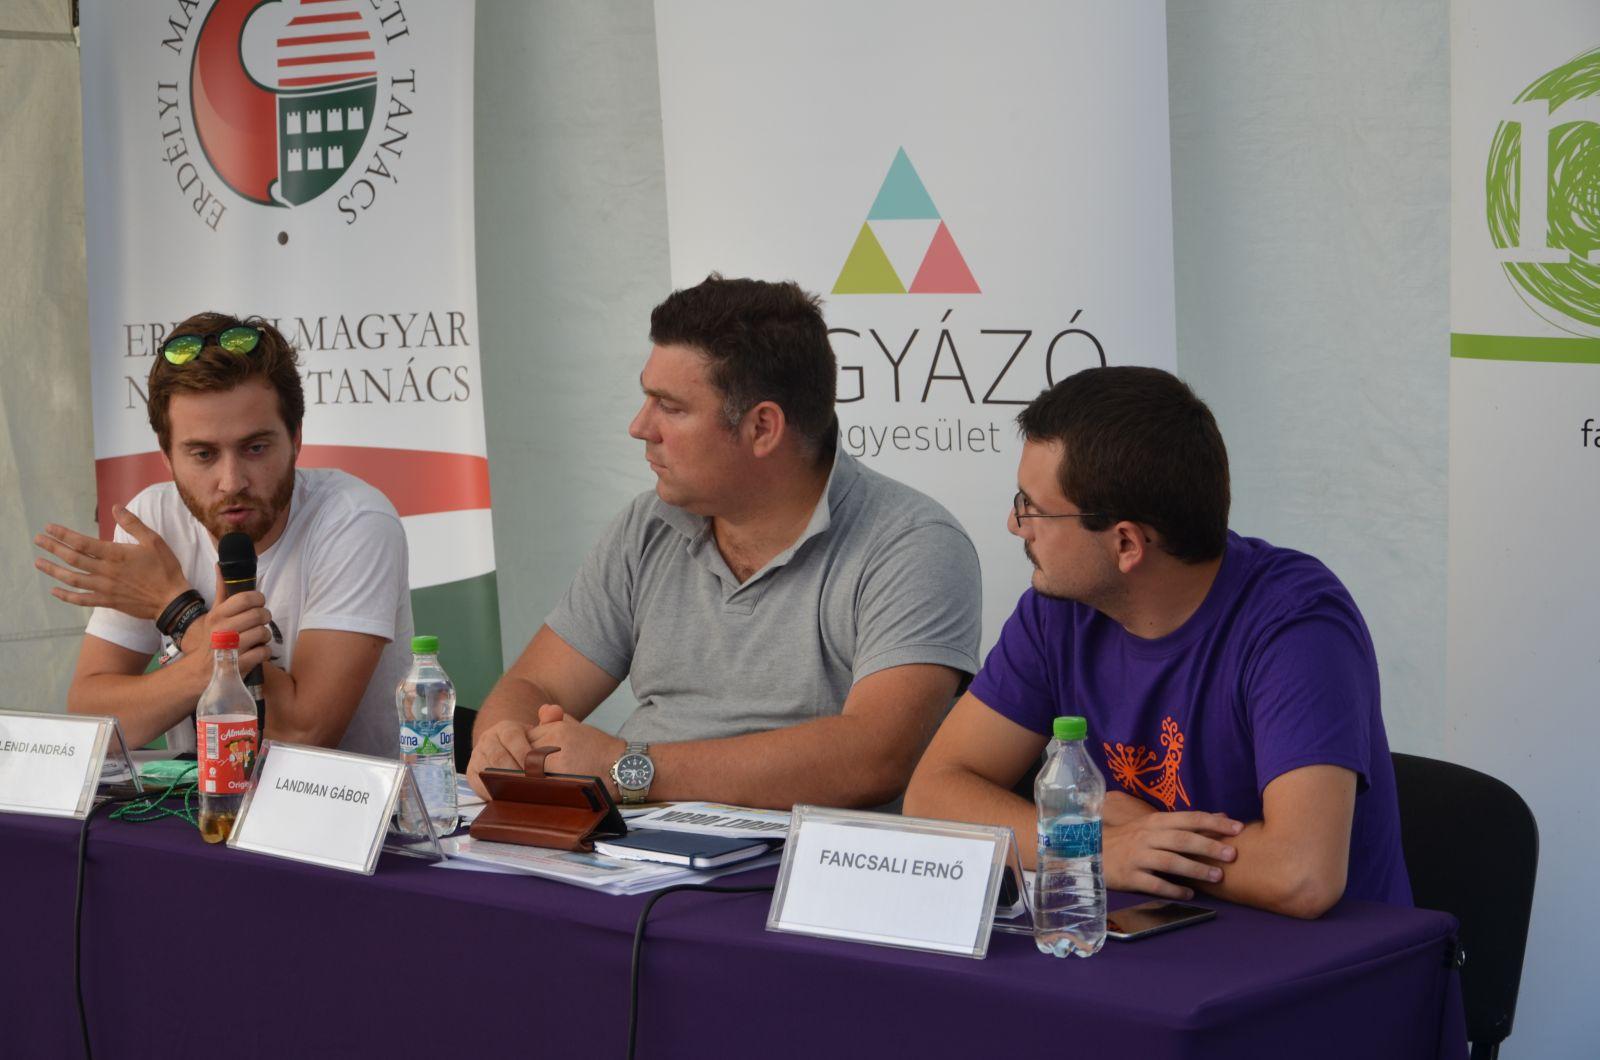 Bethlendi András, Landman Gábor és Fancsali Ernő a Kolozsvári Magyar Napokon| A szerző fotója